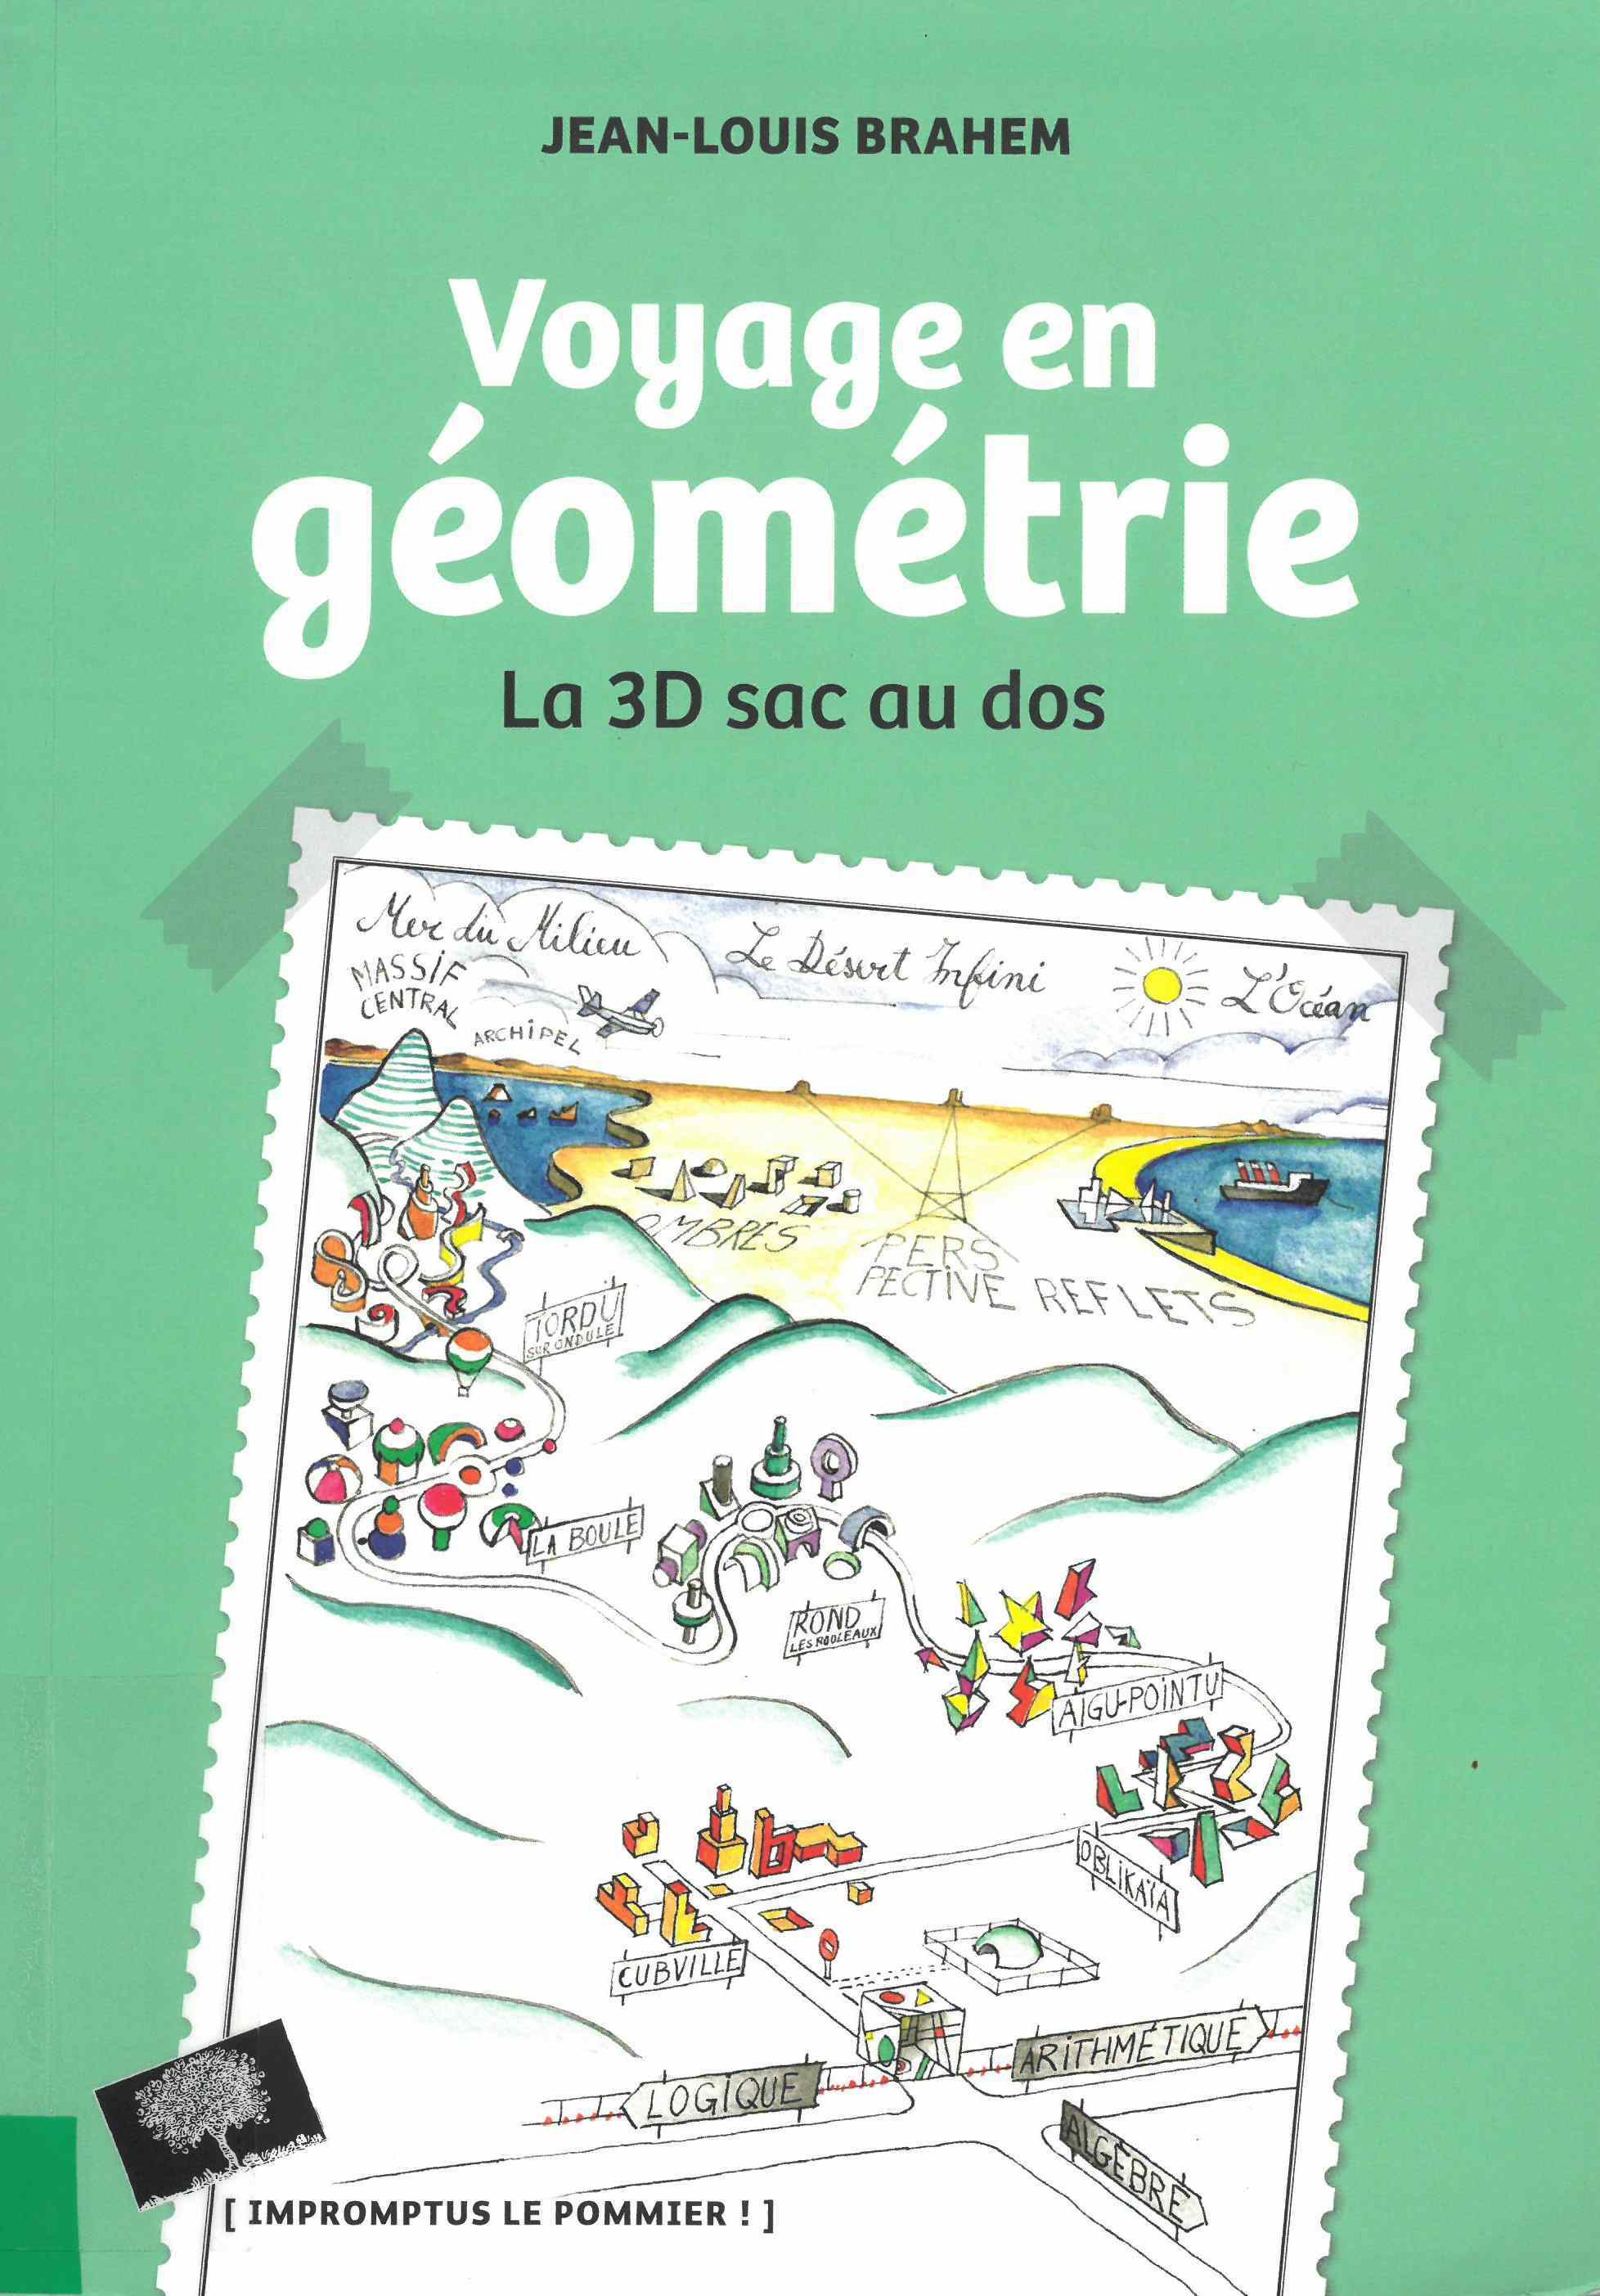 voyage en geometrie.jpg